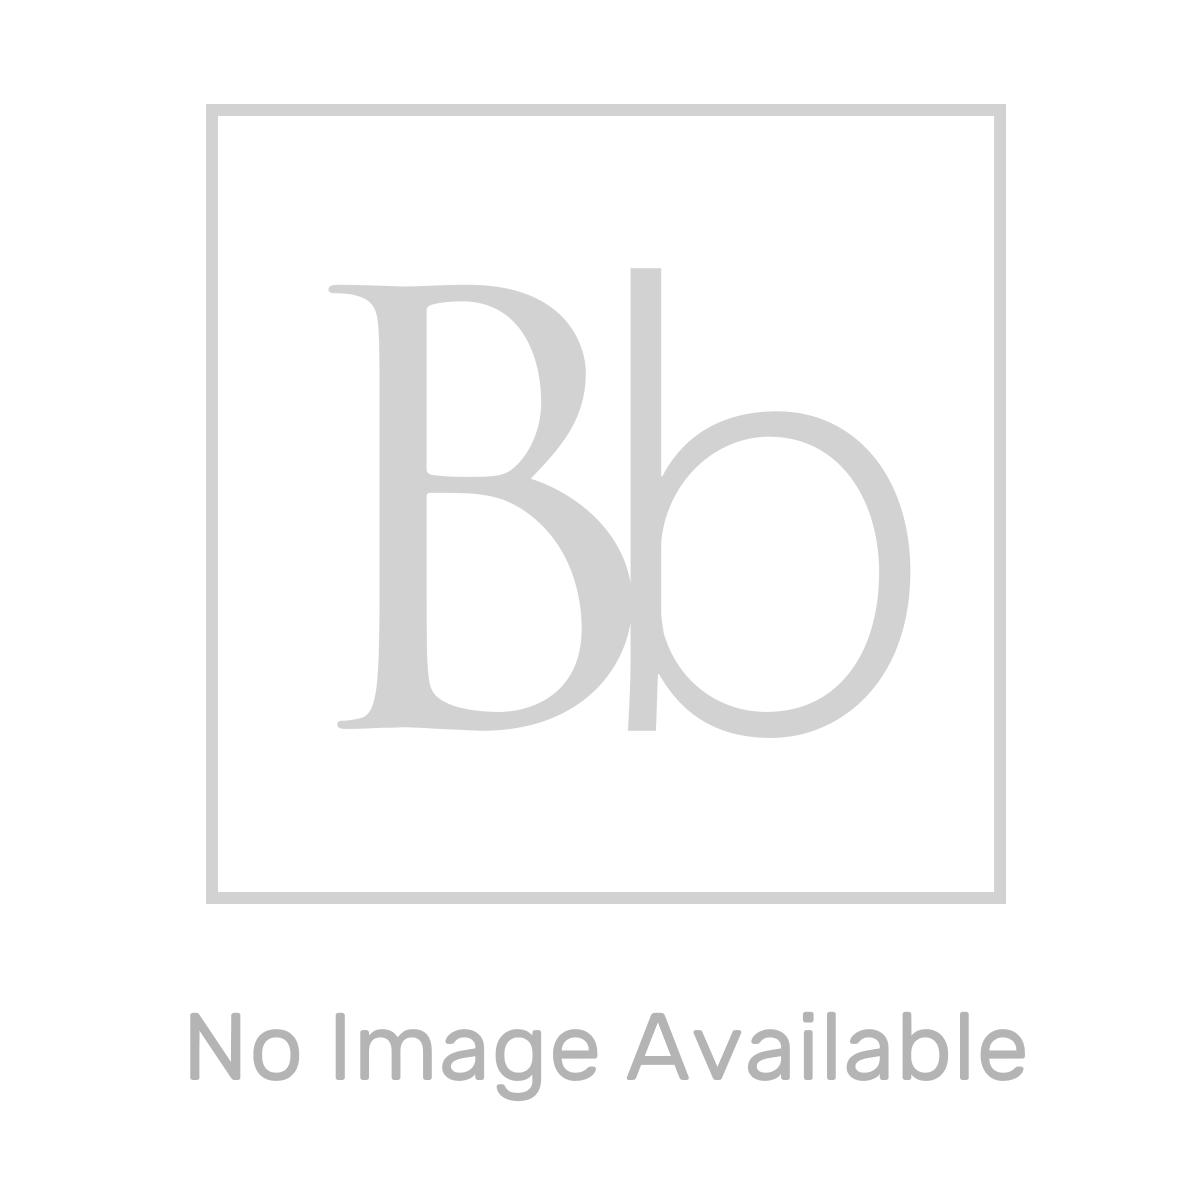 Premier Pacific Sliding Shower Enclosure Dimensions